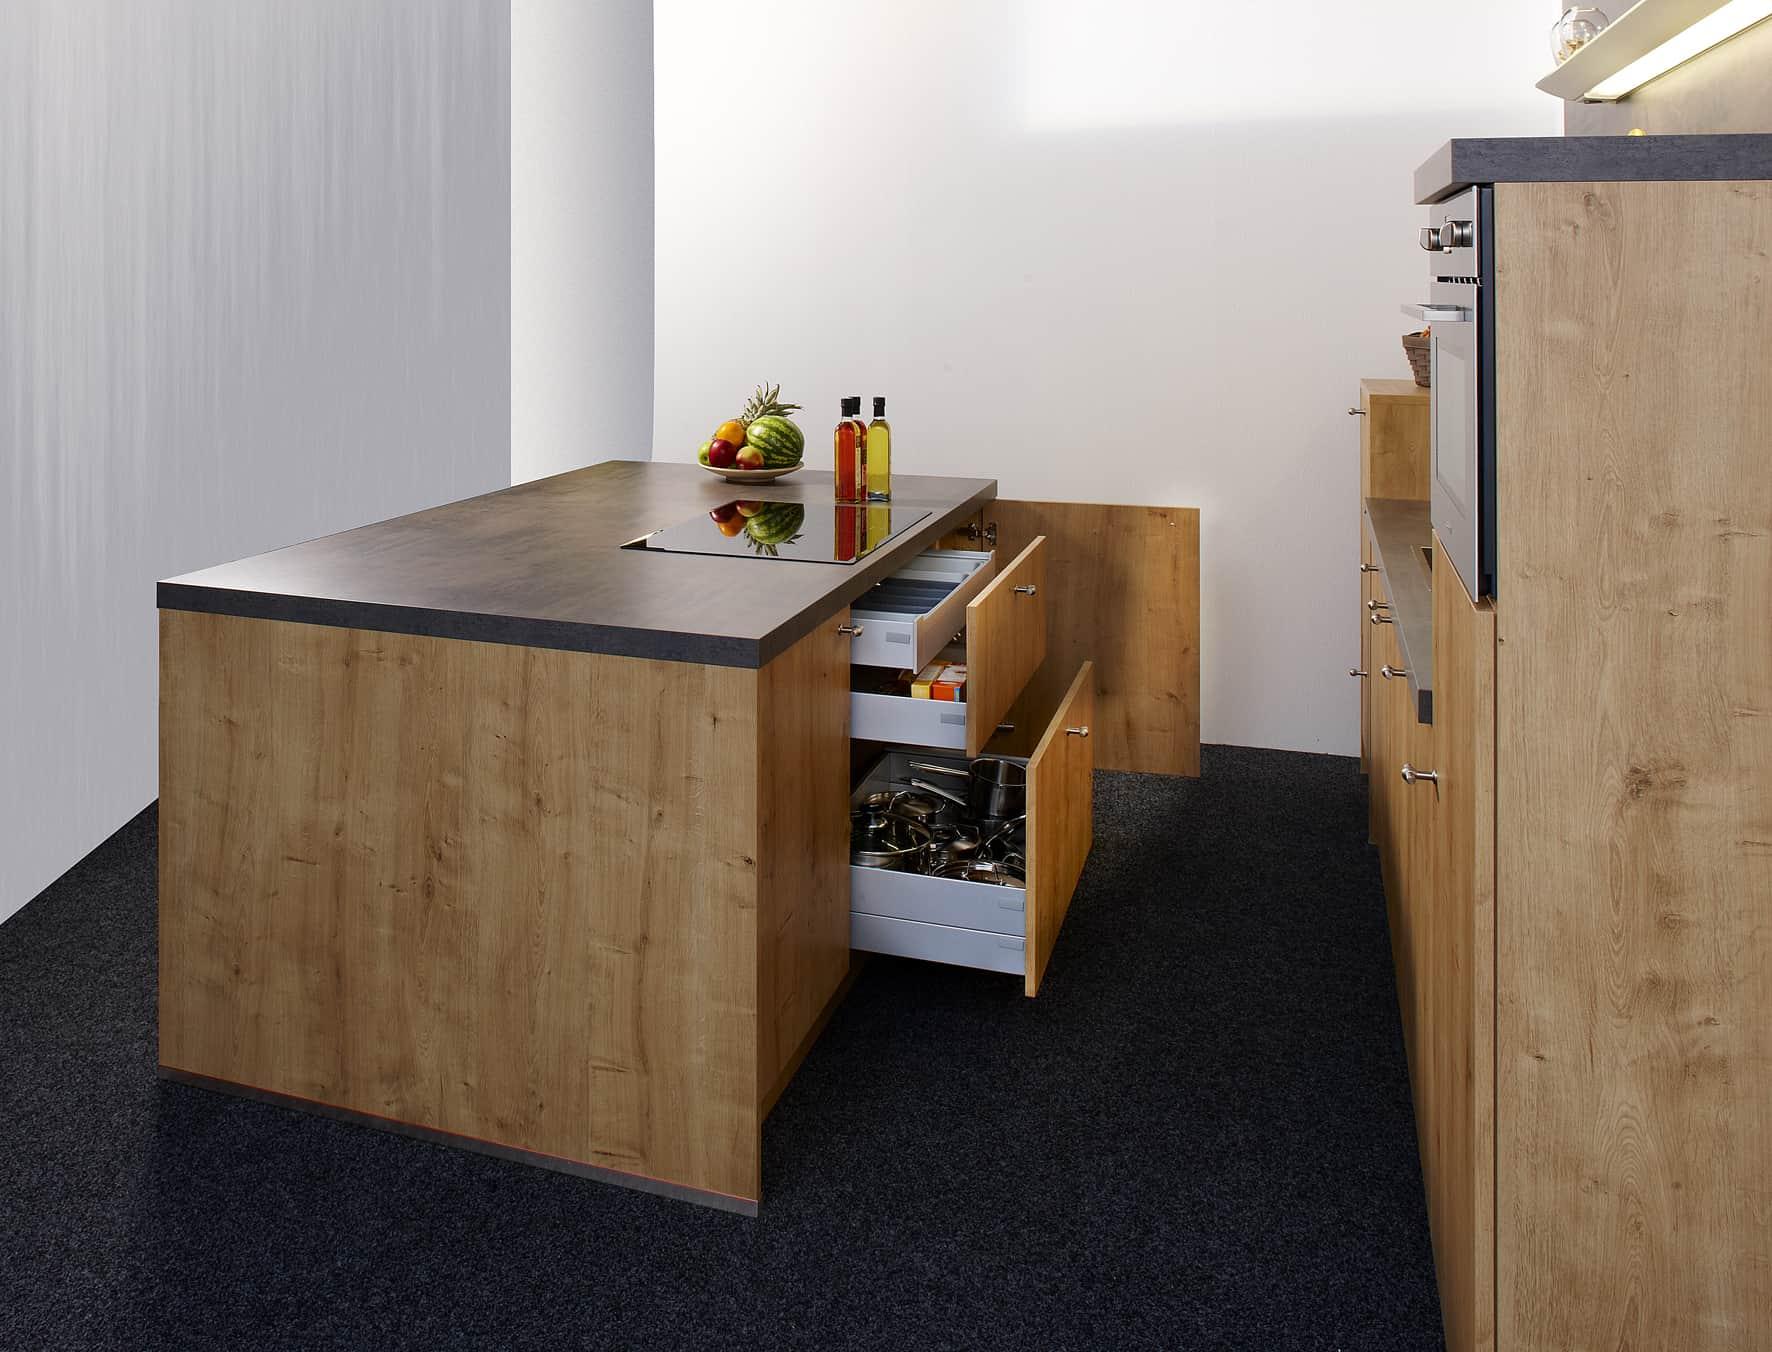 Keukens Dordrecht Renovatie : Showroomkeukens uitverkoop grijp uw kans! keukenwarenhuis.nl